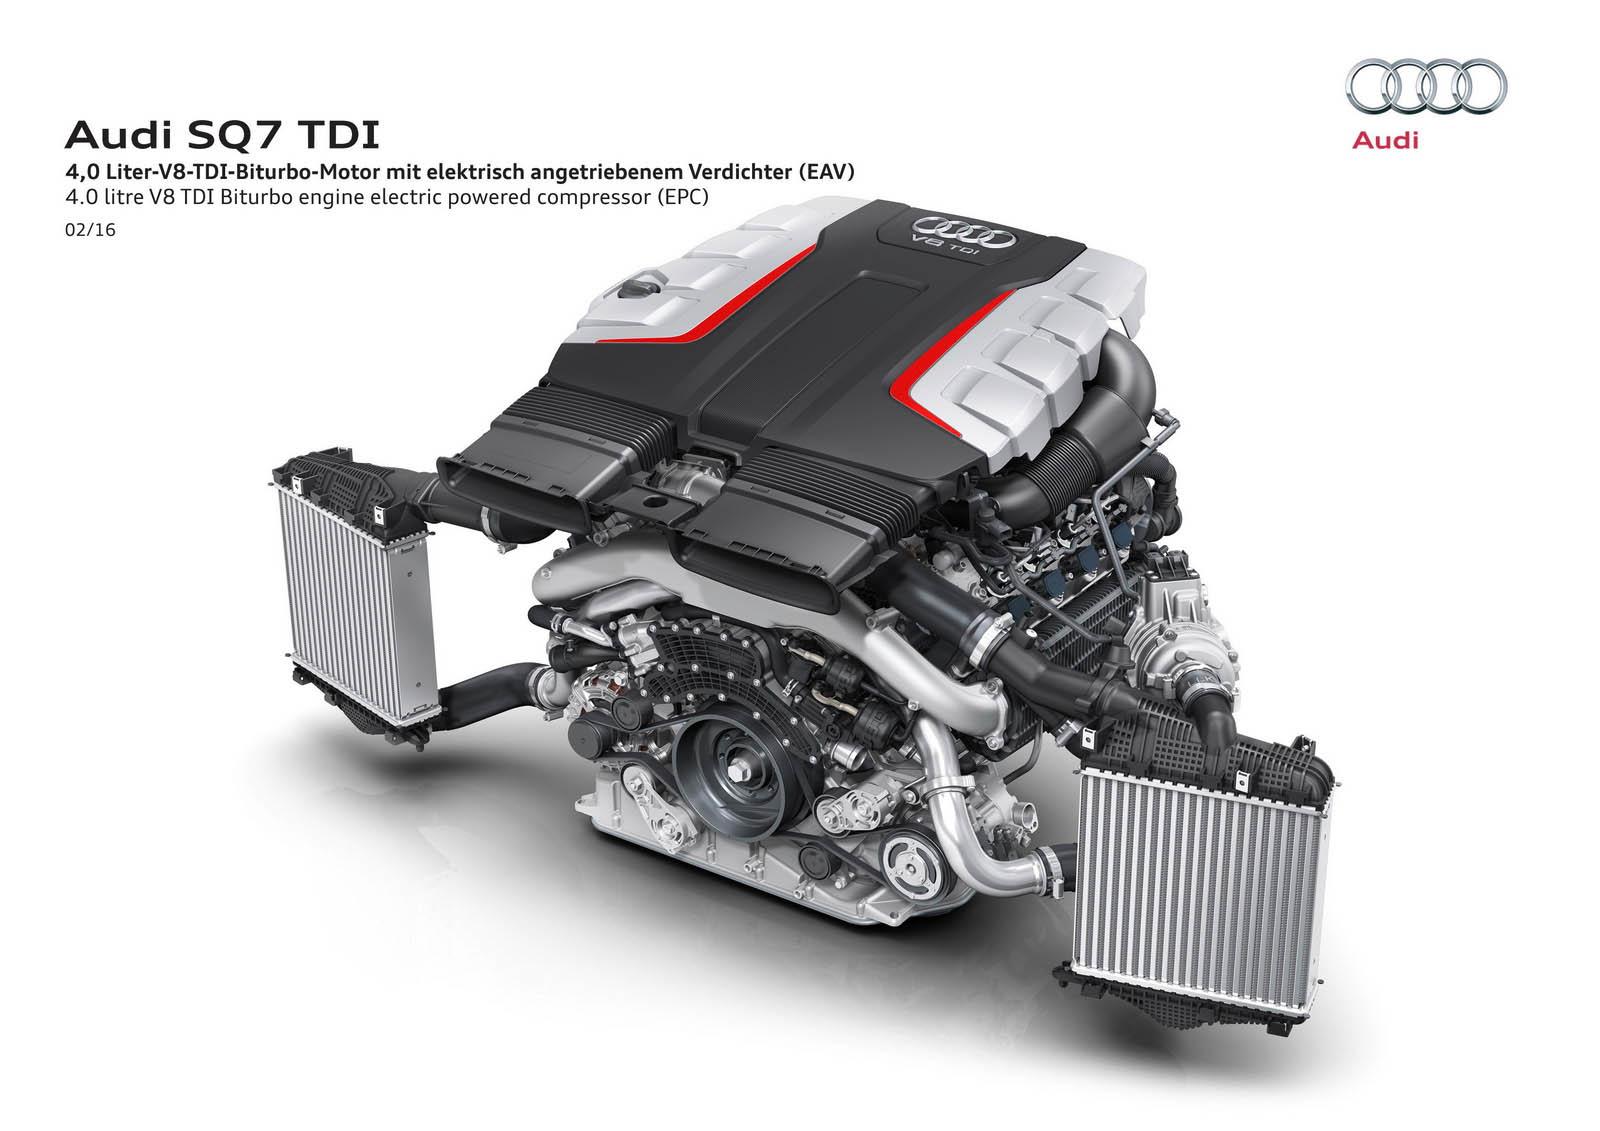 mesin v8 turbo diesel baru audi